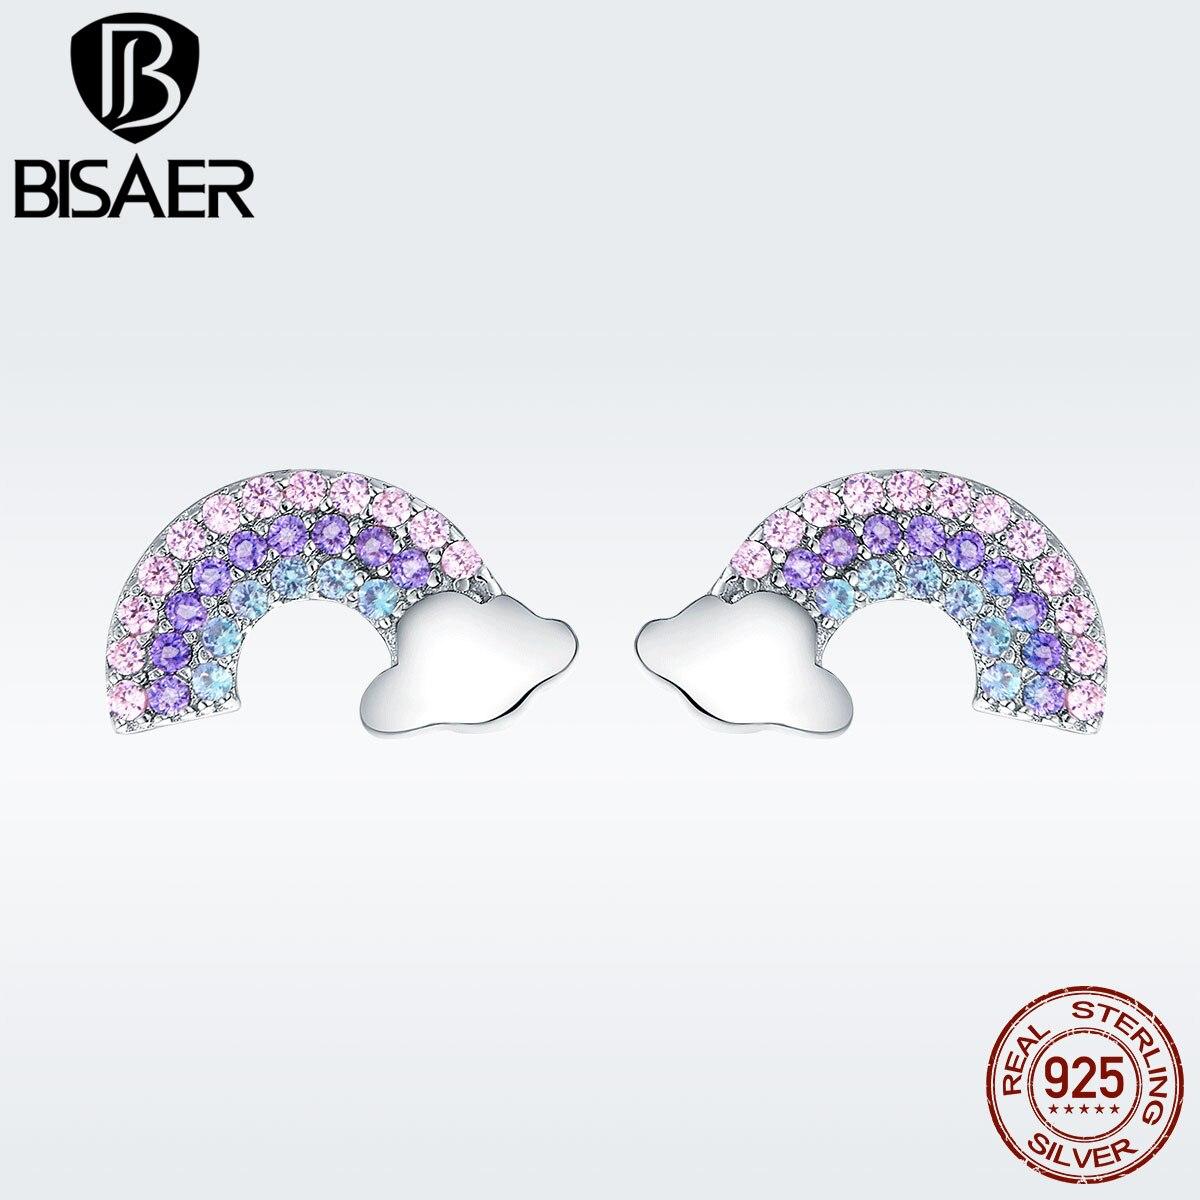 BISAER, pendientes de plata de ley 925 con diseño de arcoíris y nubes para mujer, aretes pequeños de Zirconia cúbica para niña, modo 2019, GXE578